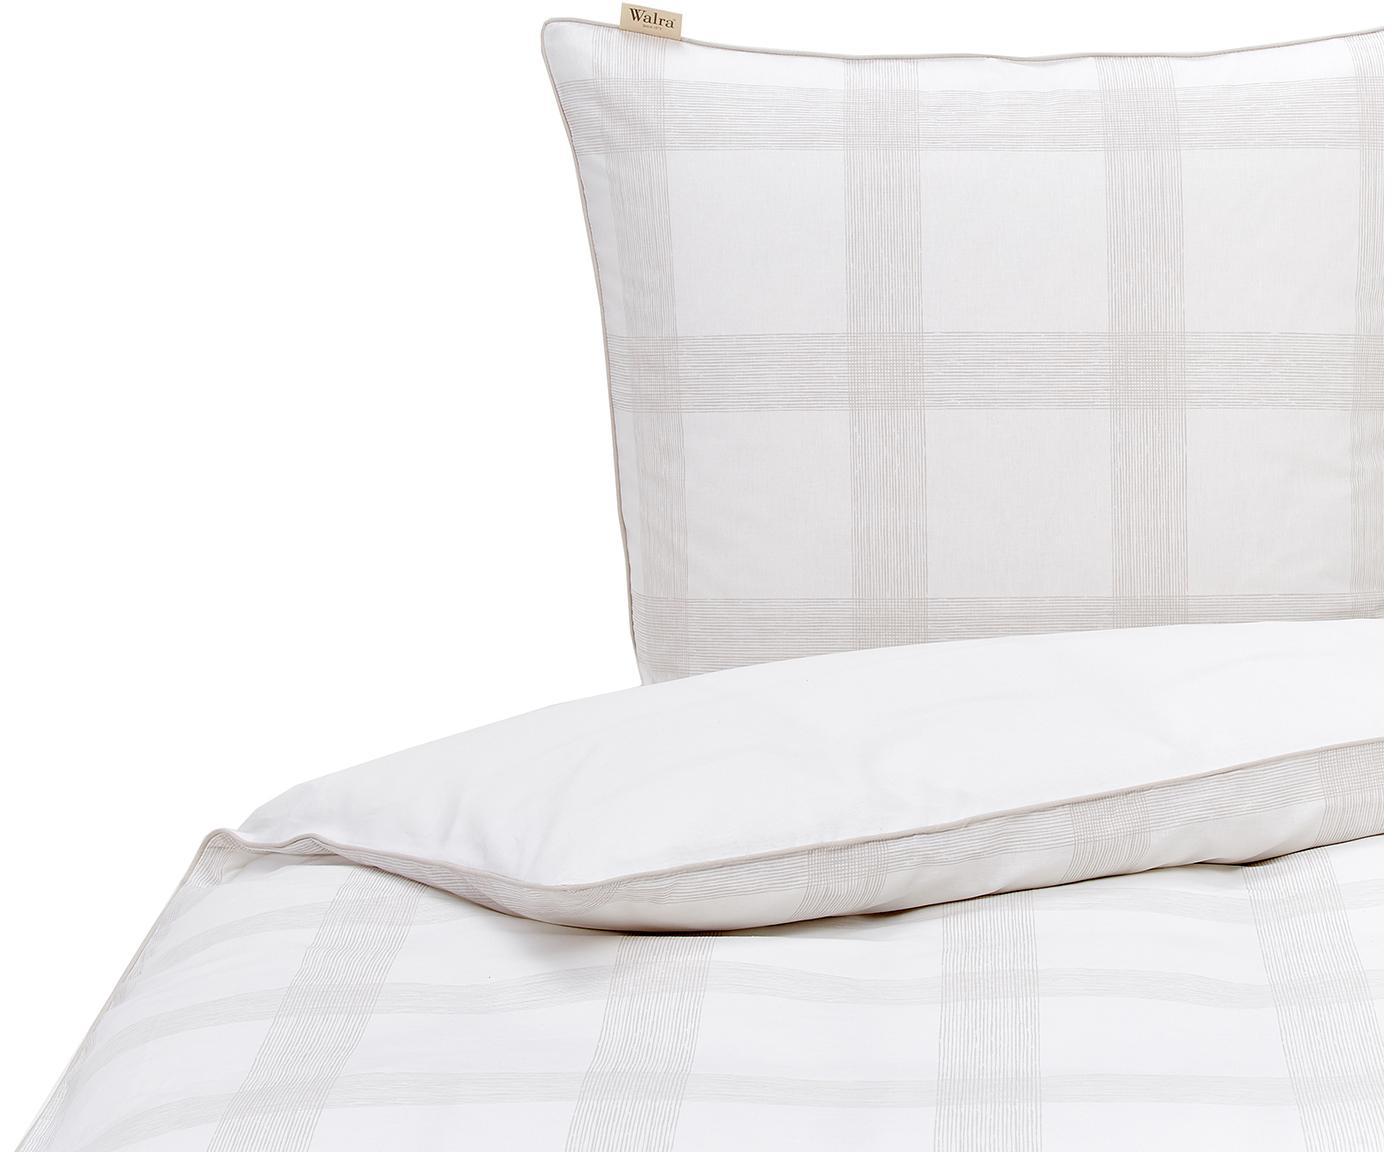 Karierte Baumwoll-Bettwäsche Square Nights mit Keder, Webart: Renforcé Renforcé besteht, Weiß, Beige, 135 x 200 cm + 1 Kissen 80 x 80 cm